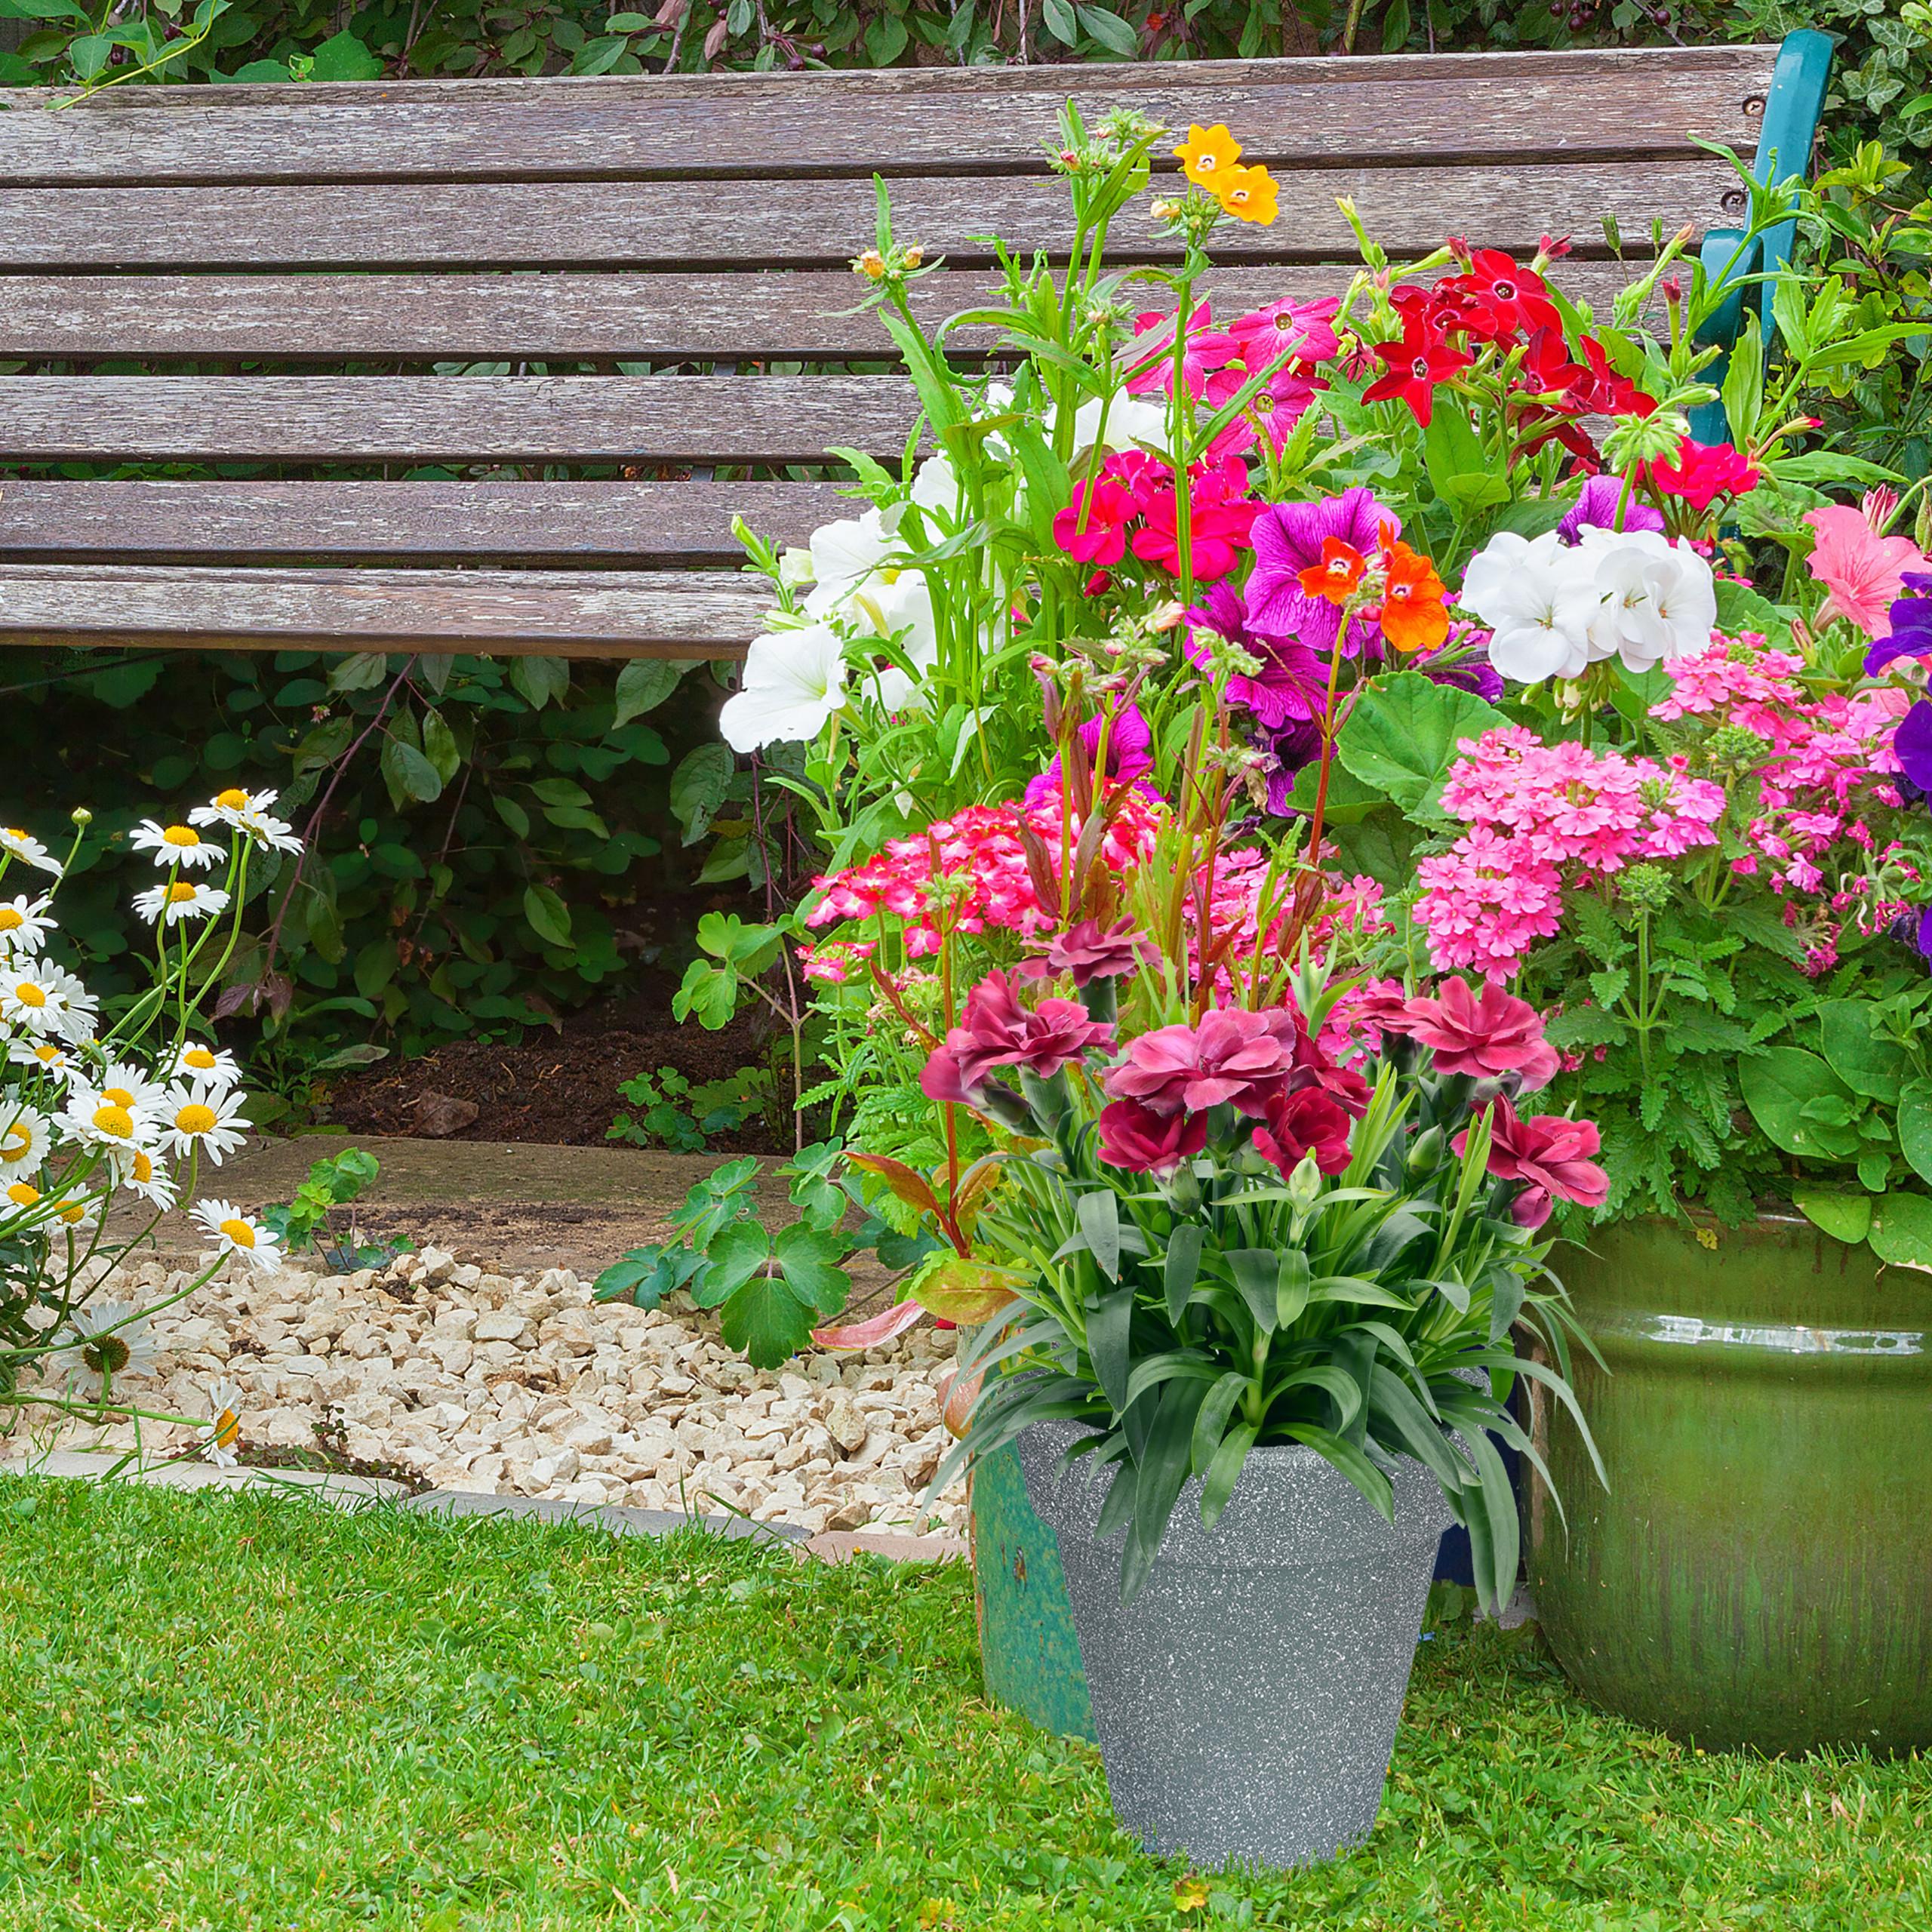 Pots-a-plantes-en-lot-de-2-ronds-Sceaux-a-plantes-Pots-ronds-Plastique-Fleurs miniature 4